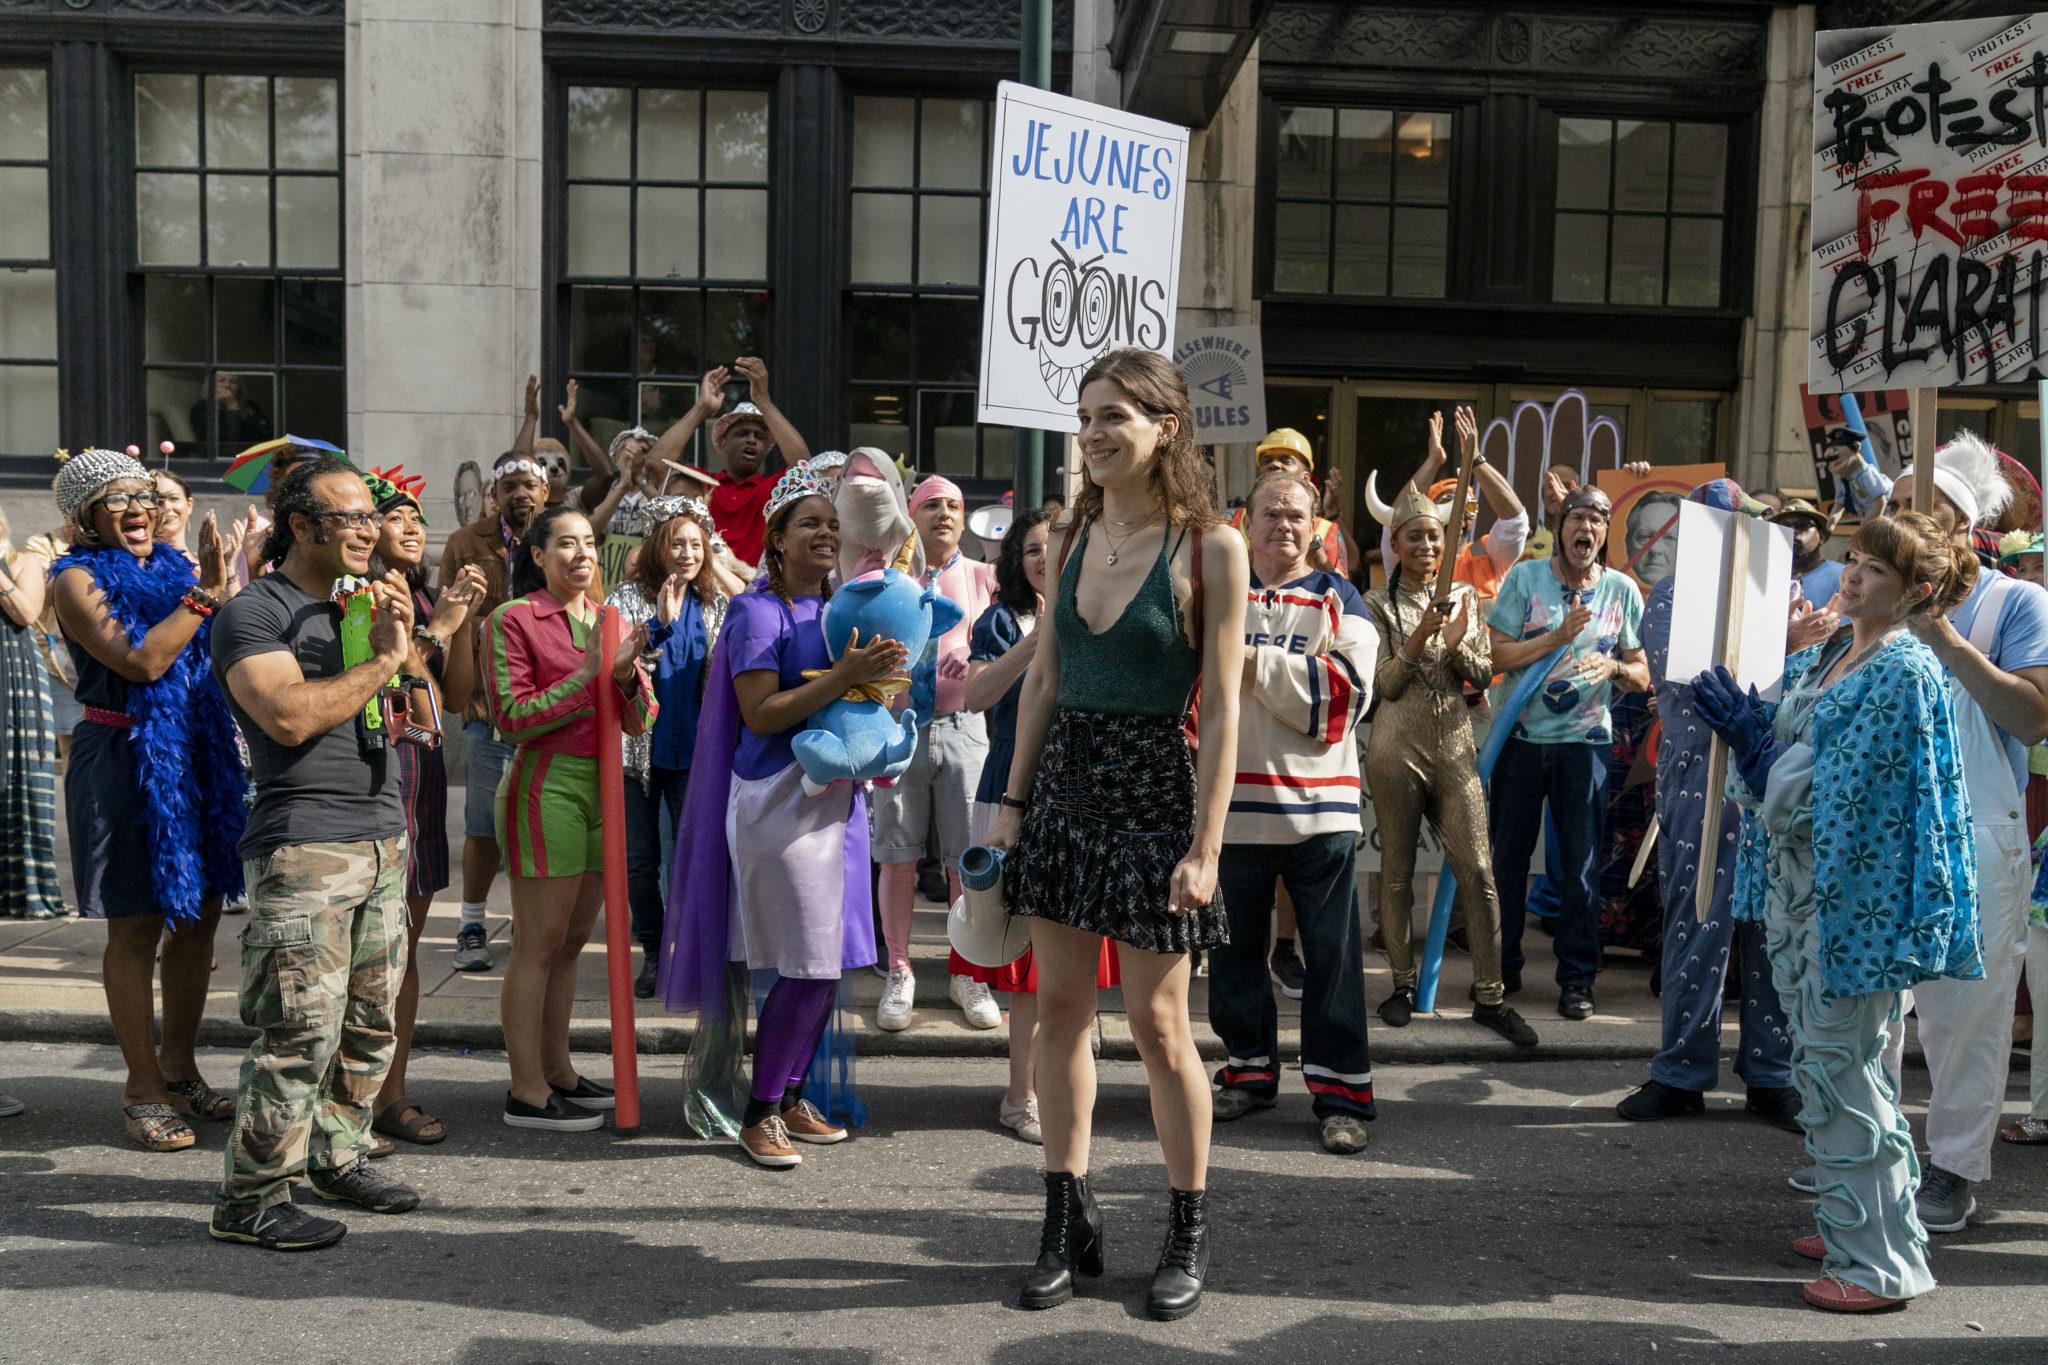 Simone steht glücklich im Mittelpunkt einer bunt gemischten Gruppe applaudierender Demonstranten in Dispatches from Elsewhere